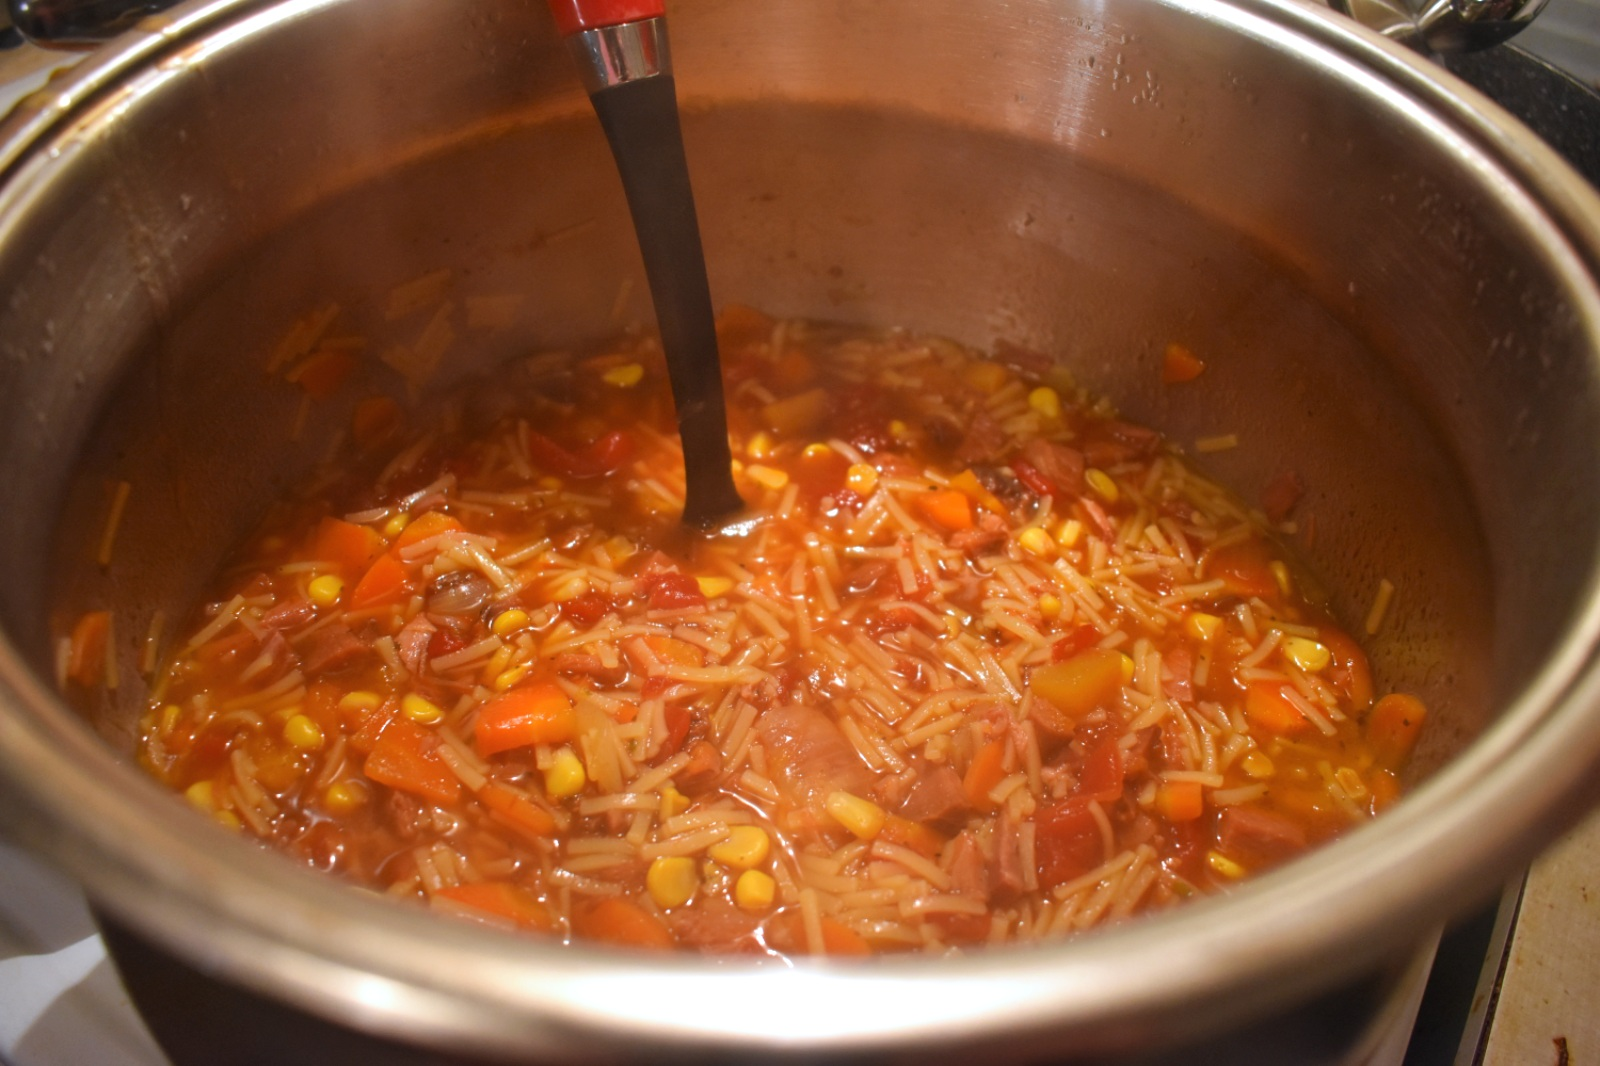 Soupe aux légumes au jambon - Auboutdelalangue.com (9)